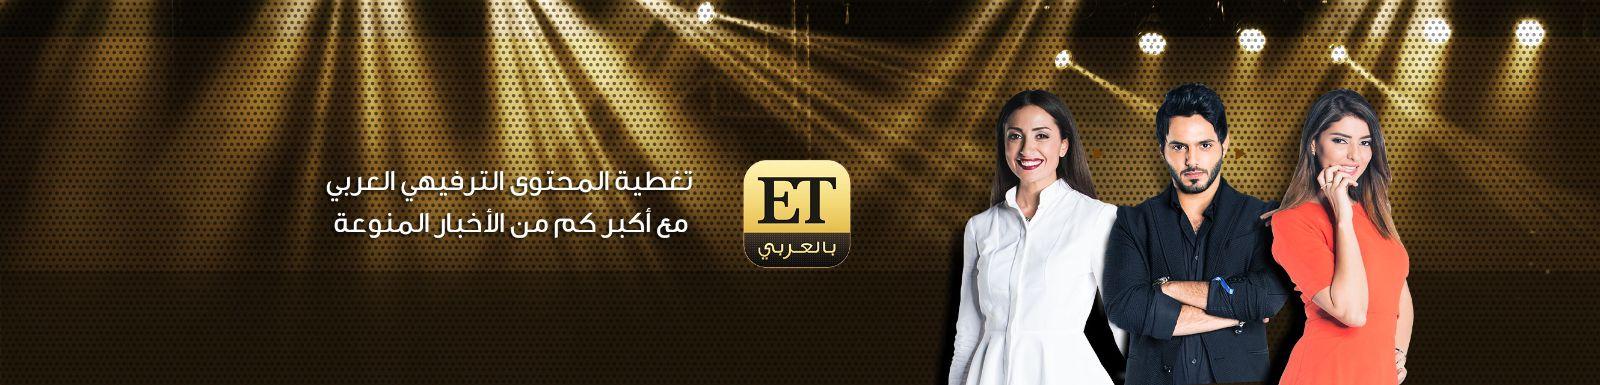 مشاهدة وتحميل برنامج et بالعربي الحلقة 4 الرابعة كاملة 2015